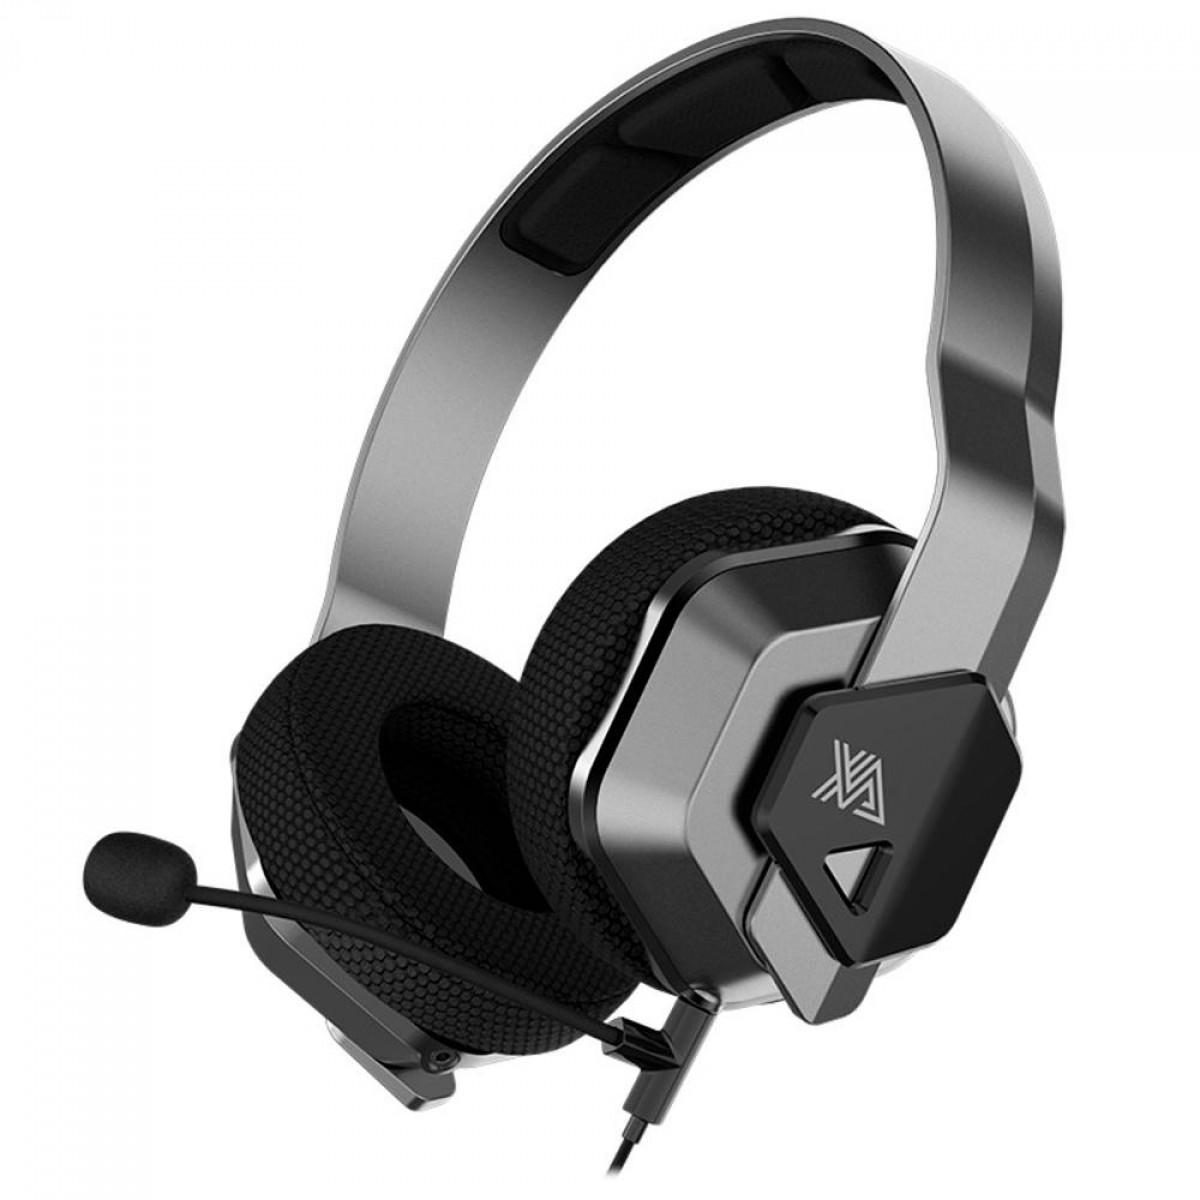 Headset Gamer Xanova Ocala Surround 7.1 Preto/Prata, XH200